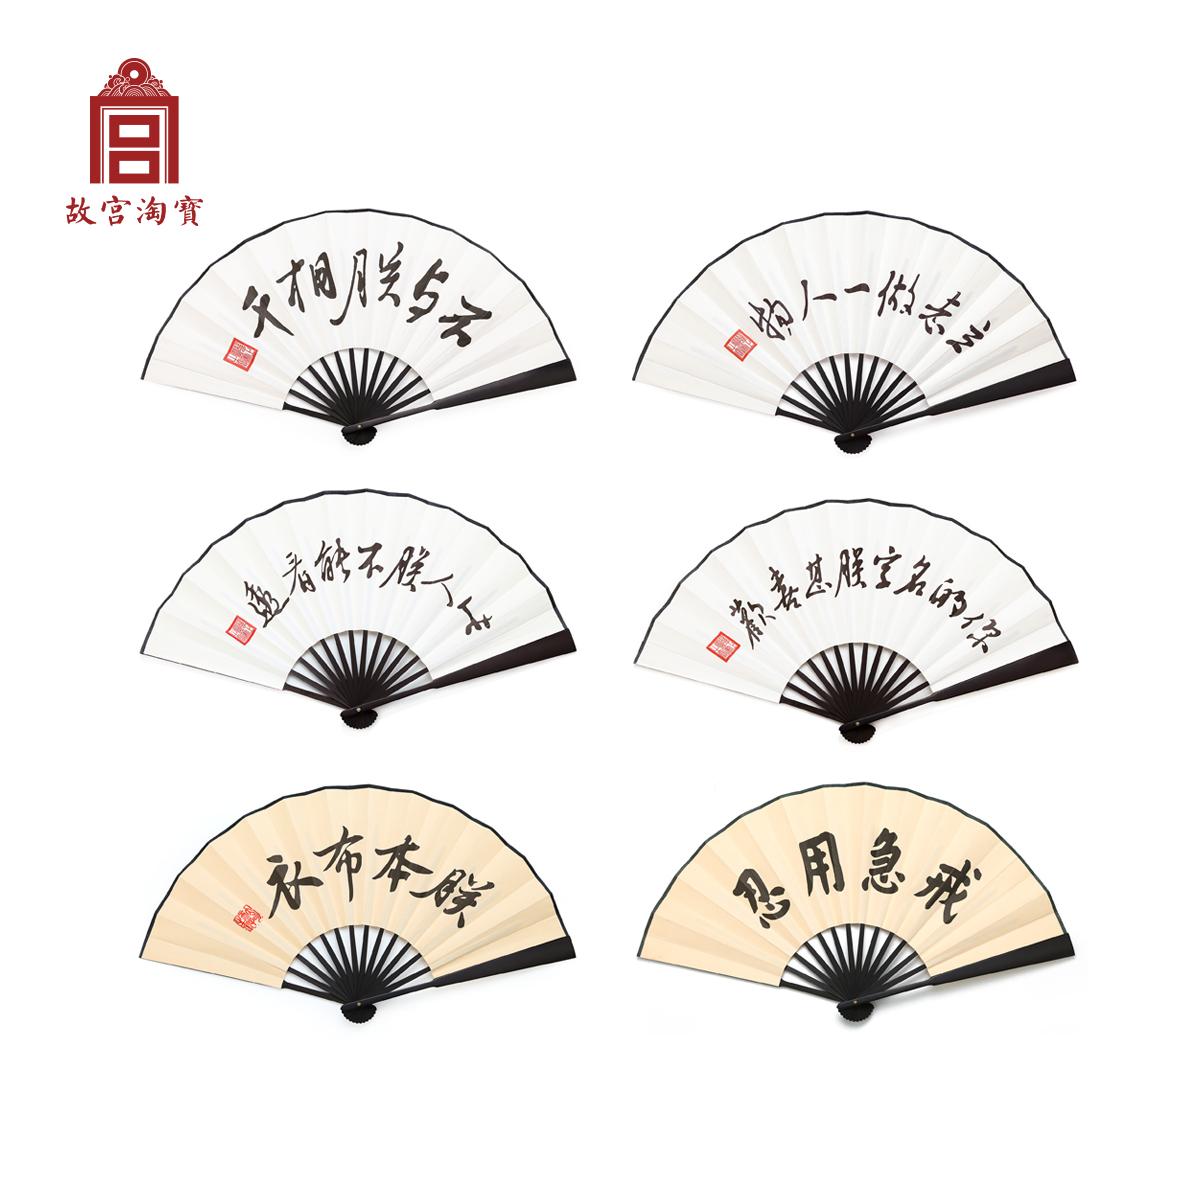 【故宫淘宝】态度就该鲜明-御批系列仿宣纸折扇